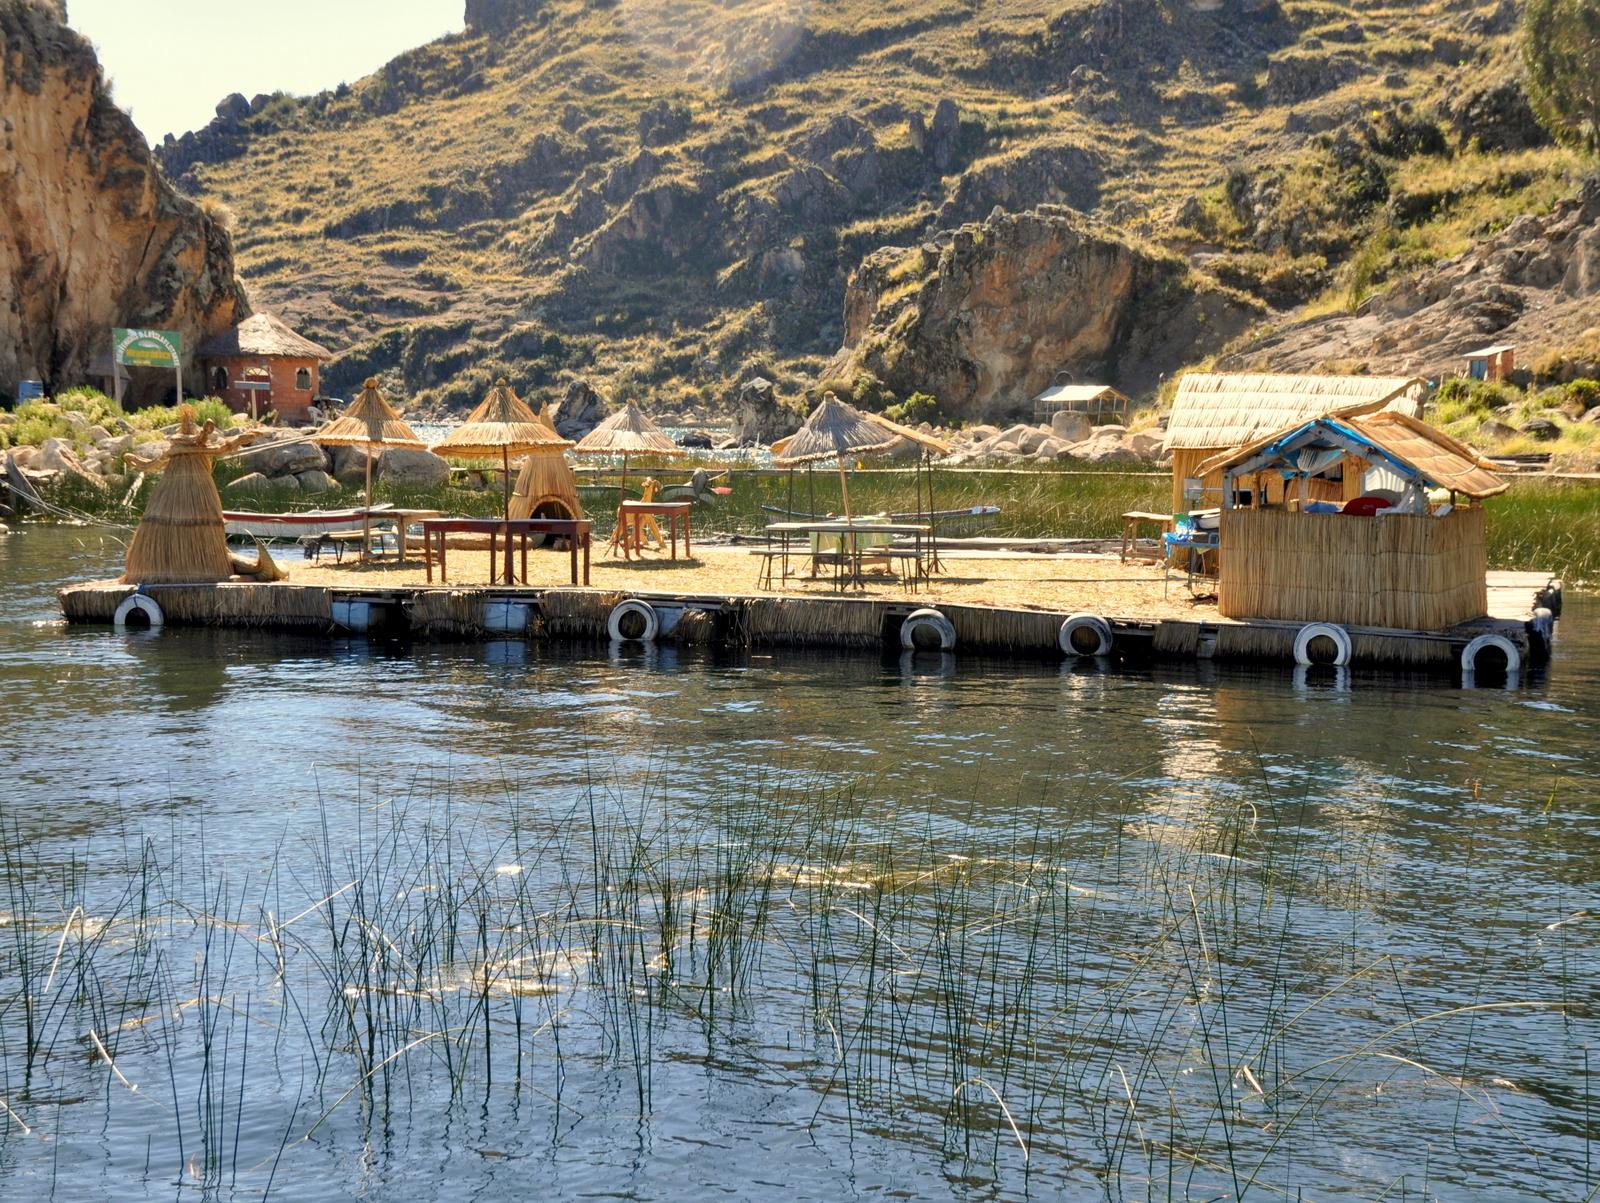 """Touristen-abzocke, eine """"schwimmende Insel"""", das geht wohl noch besser in Peru!?"""